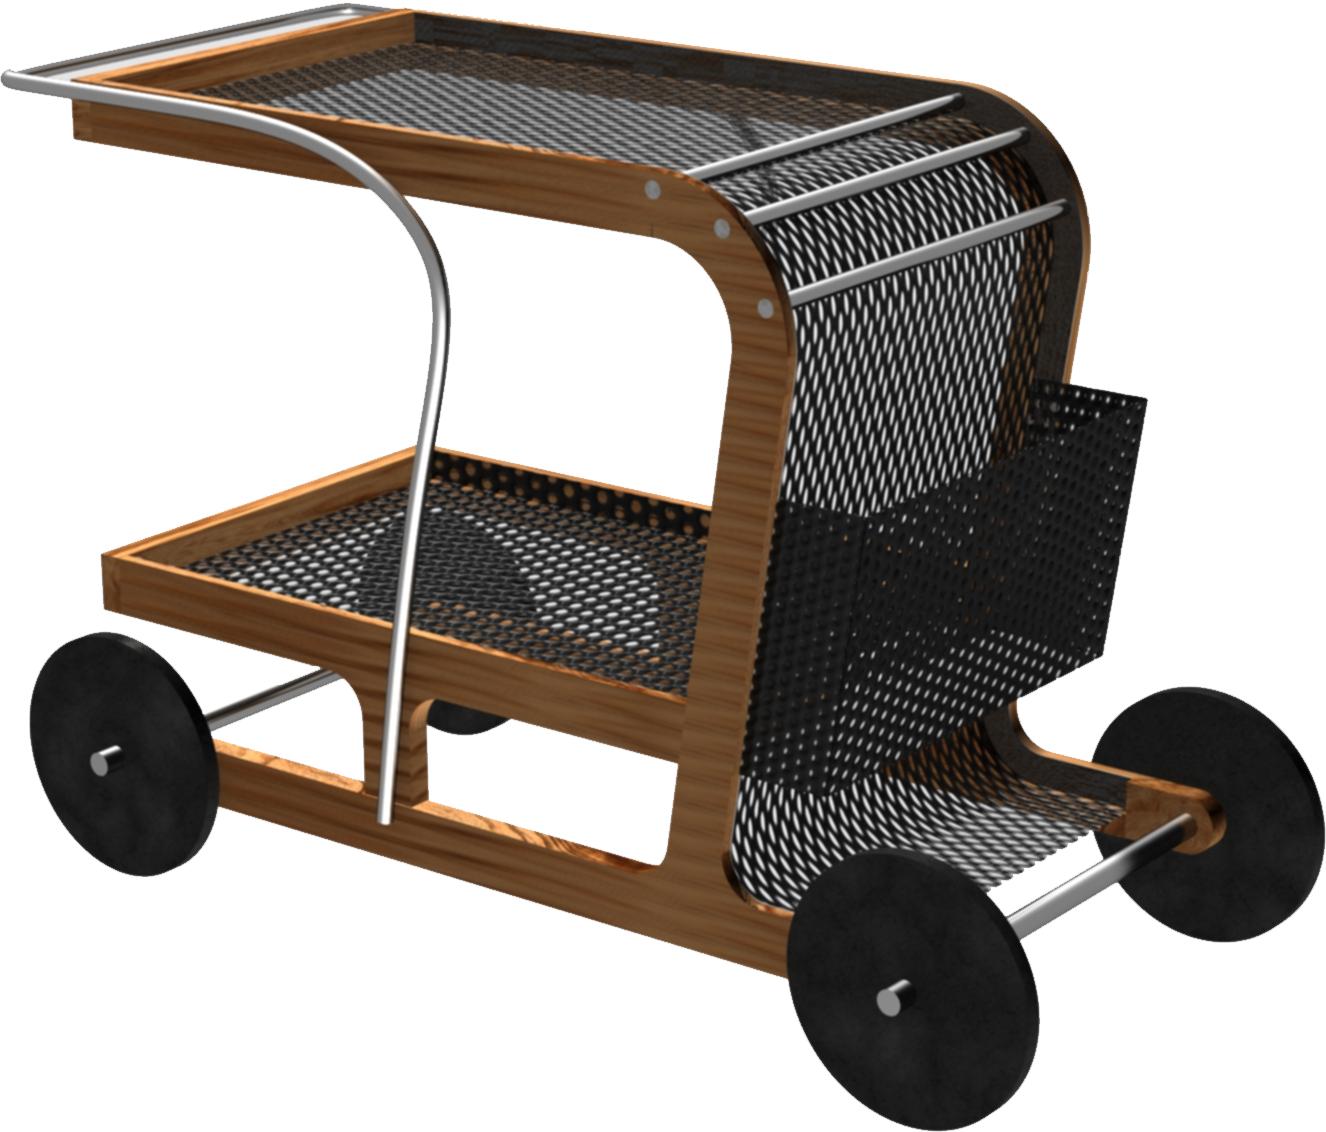 Proyecto carrito de bebidas para jard n evoluci n portafolio dise o y renders - Carrito bebidas ...